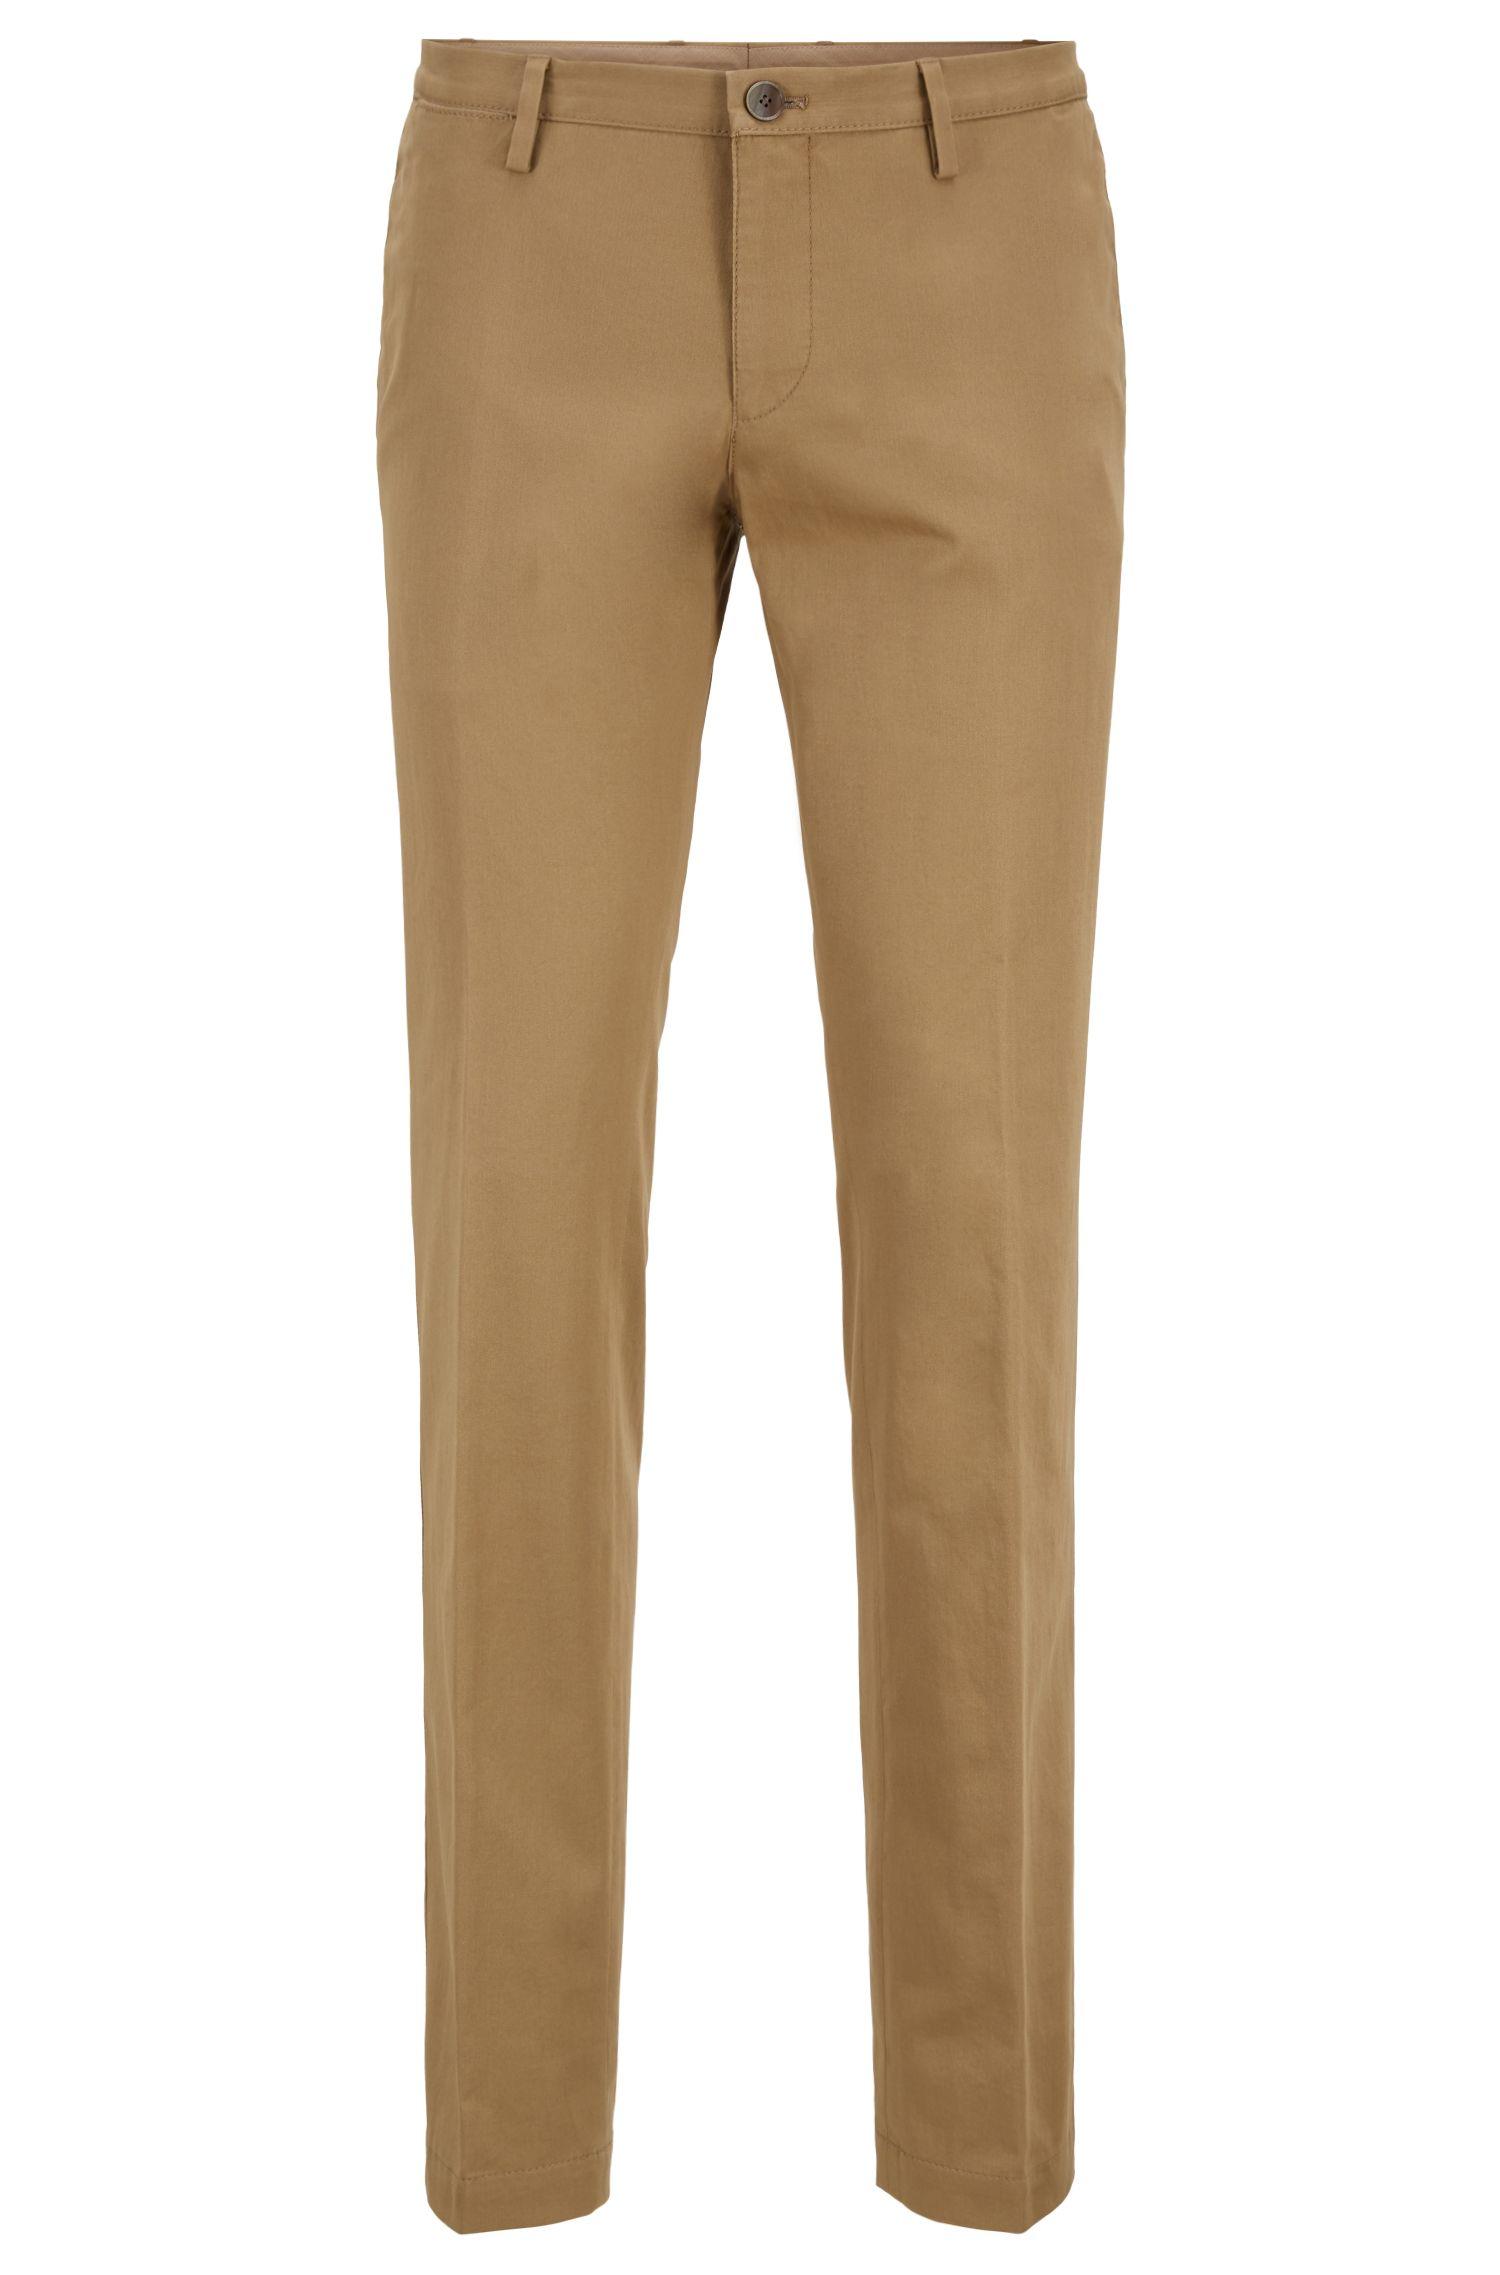 Pantalones slim fit de algodón elástico teñido en prenda, Beige